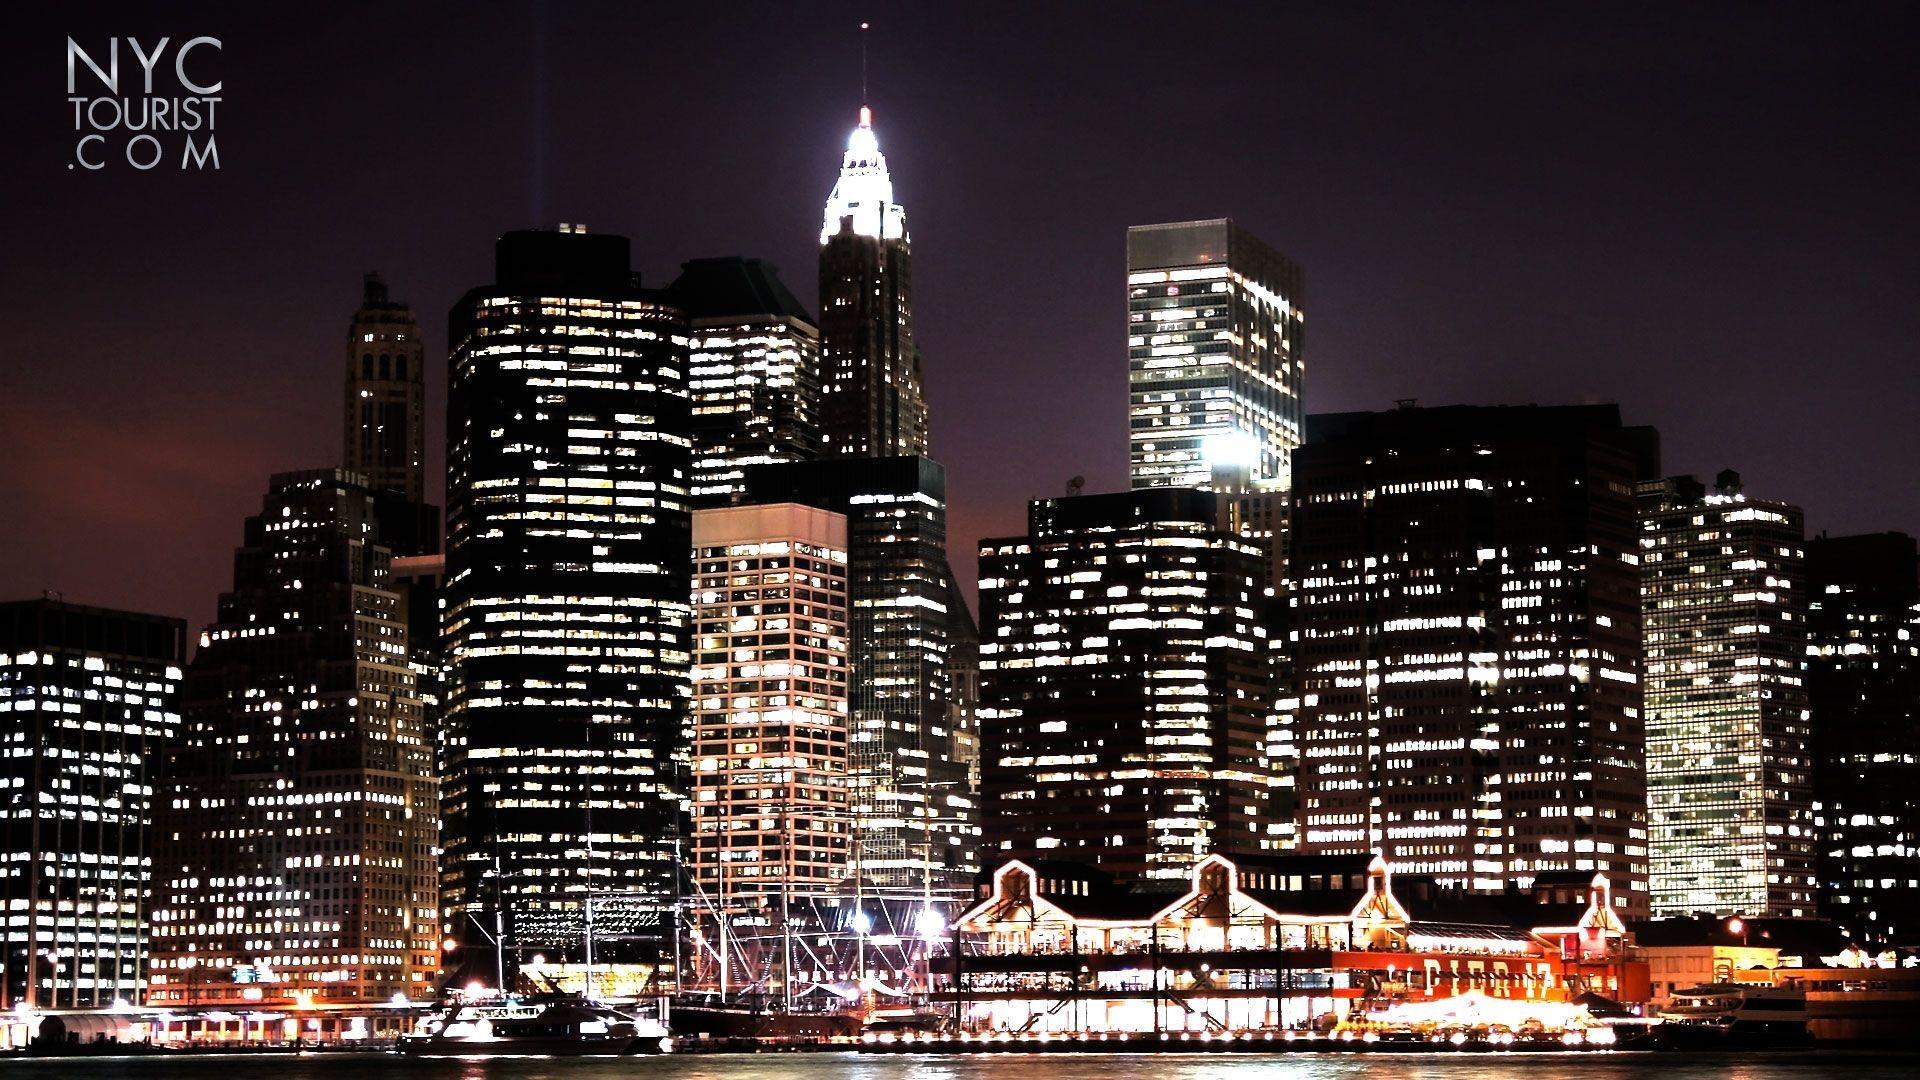 NYC at Night Wallpaper (63+ images)